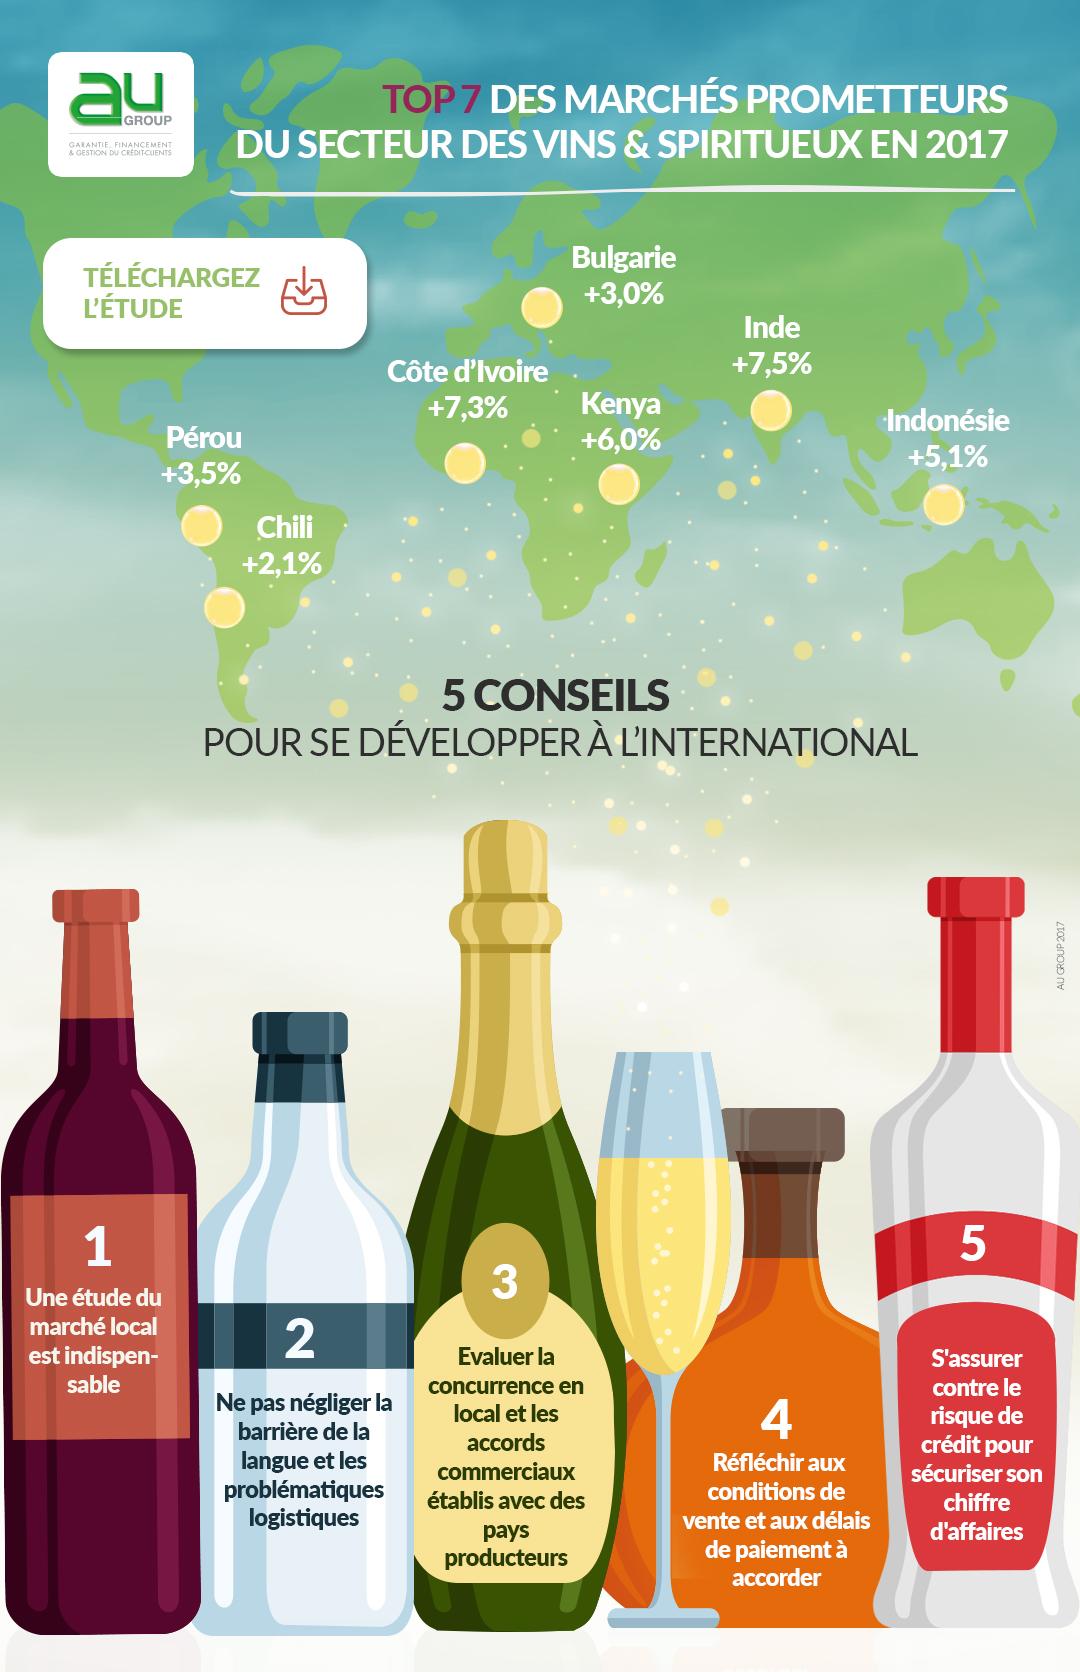 AU Group Vin & Spiritueux Infographie